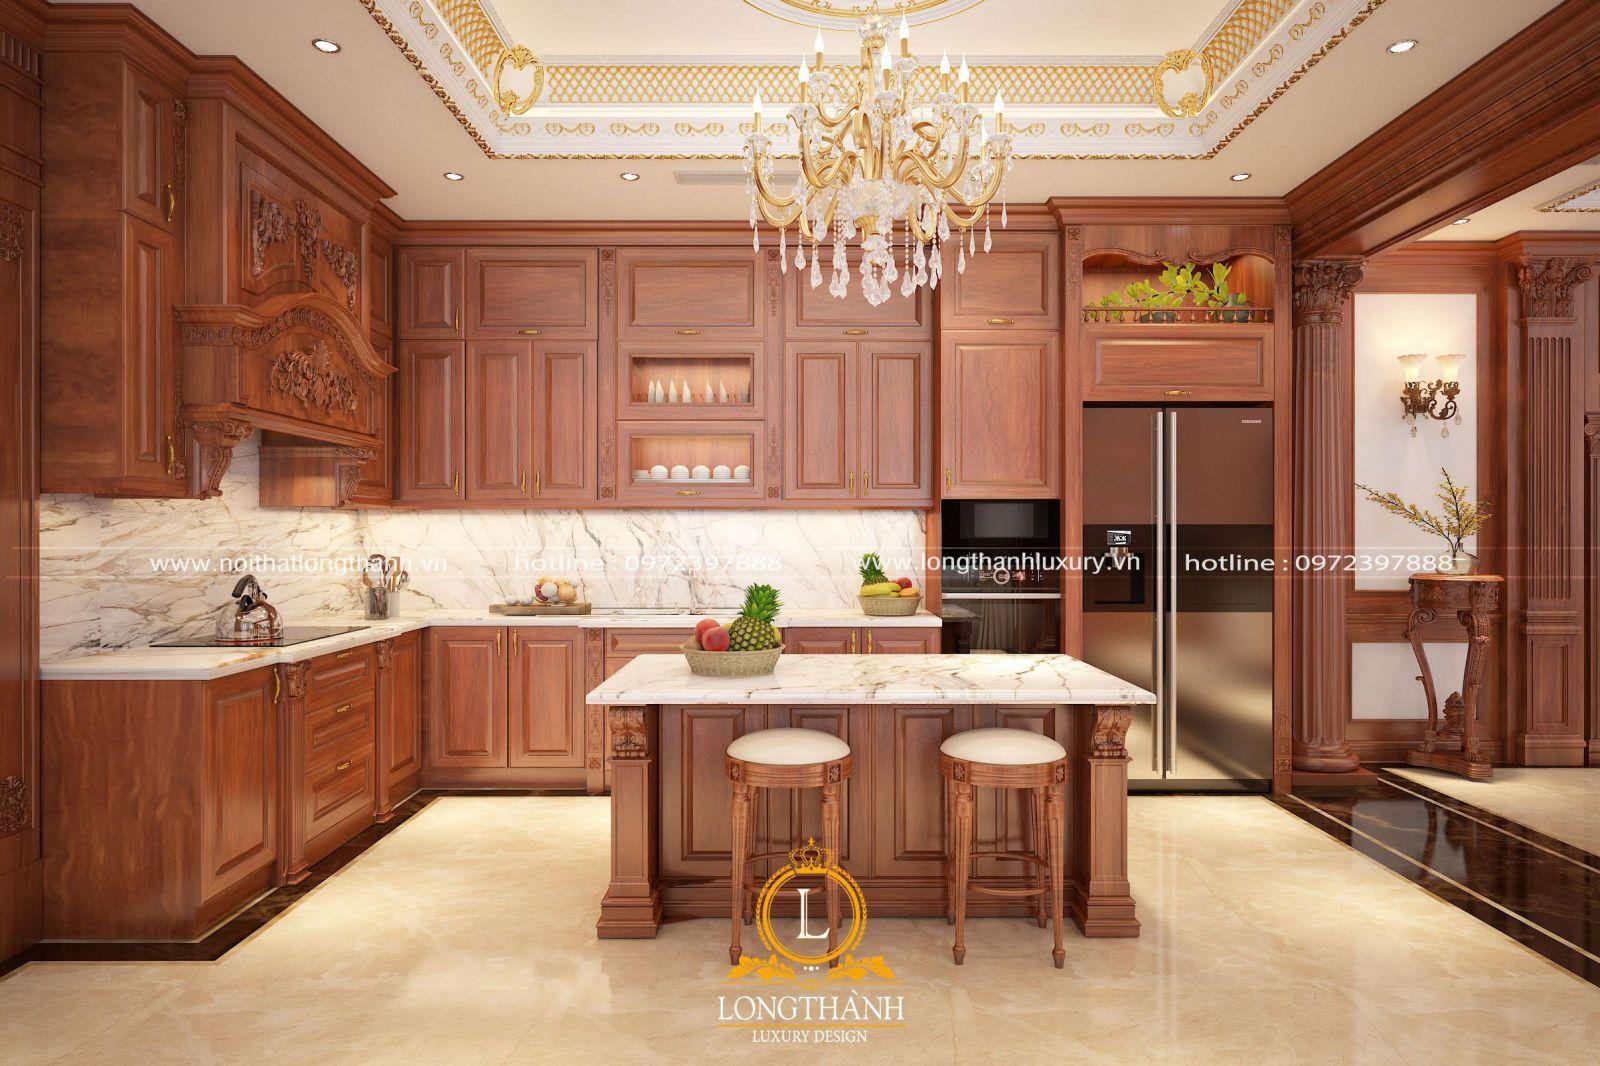 Mẫu tủ bếp tân cổ điển vẫn luôn là sự lựa chọn được nhiều khách hàng ưa chuộng